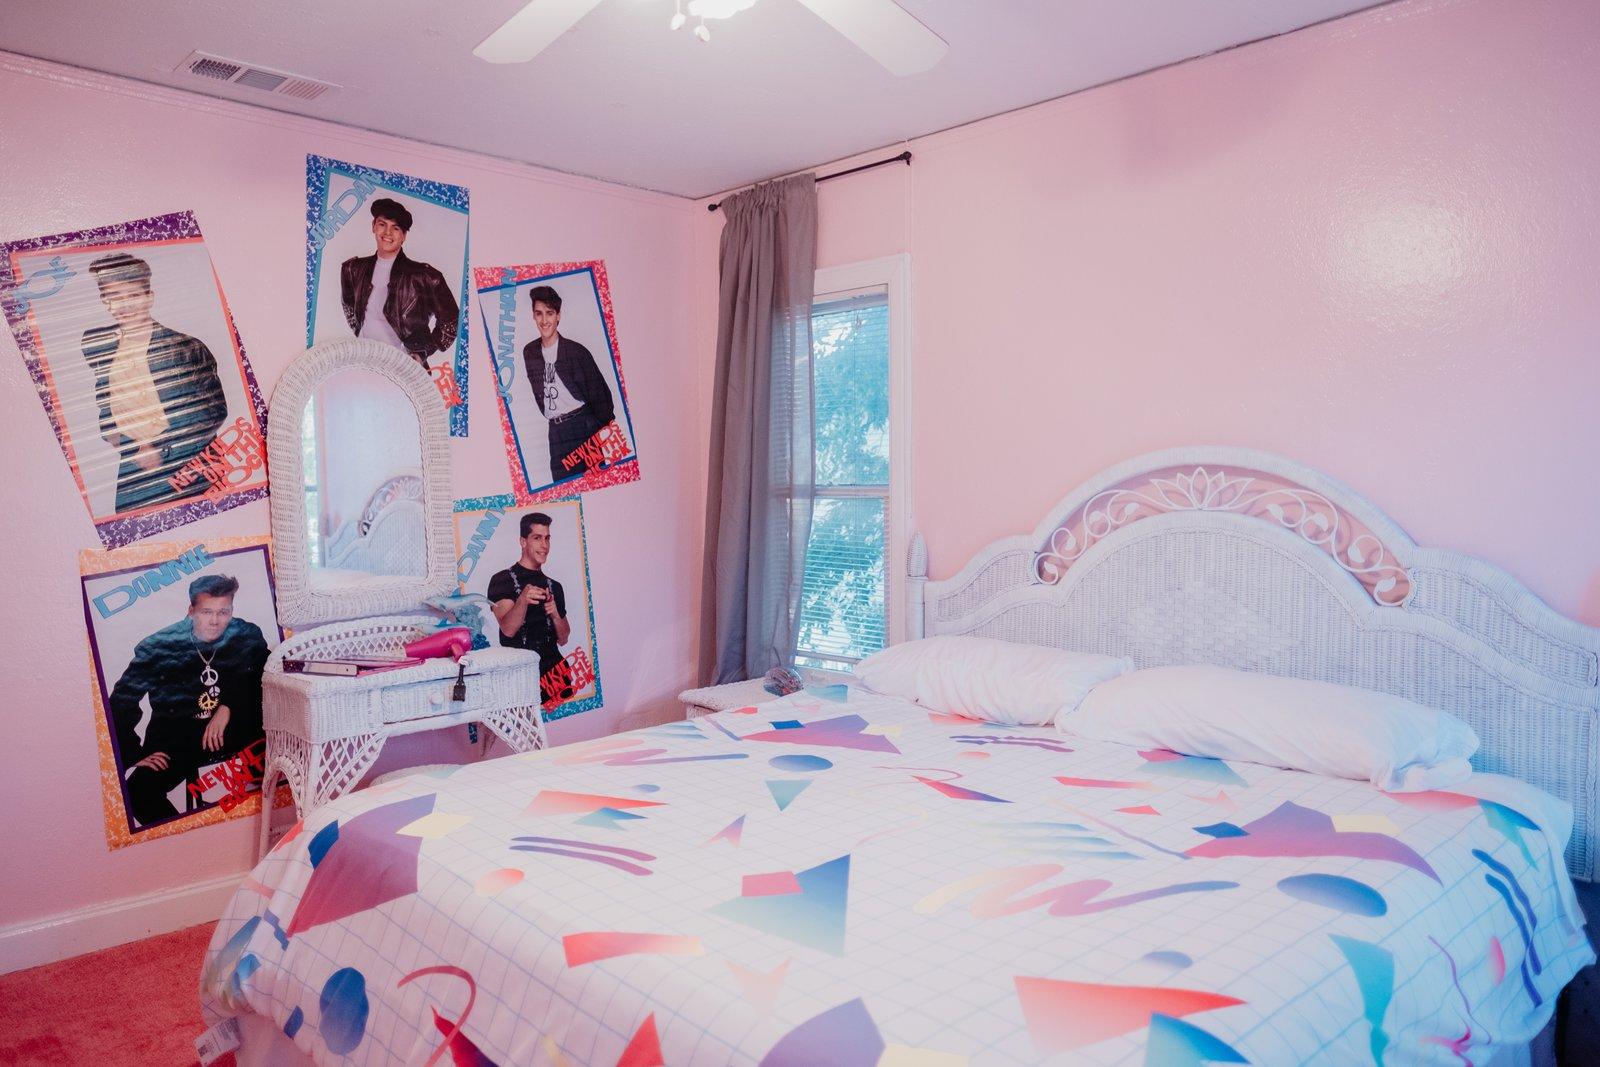 The Slater Airbnb Jeremy Kelsey Turner bedroom